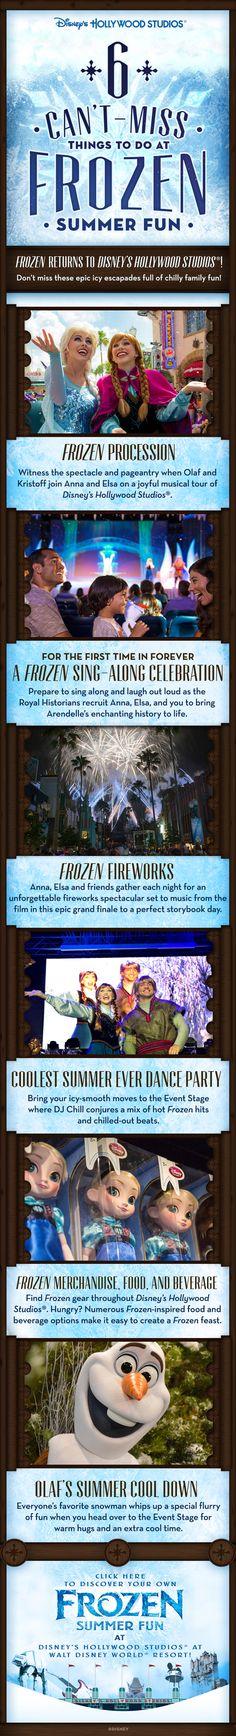 Don't miss Frozen Su